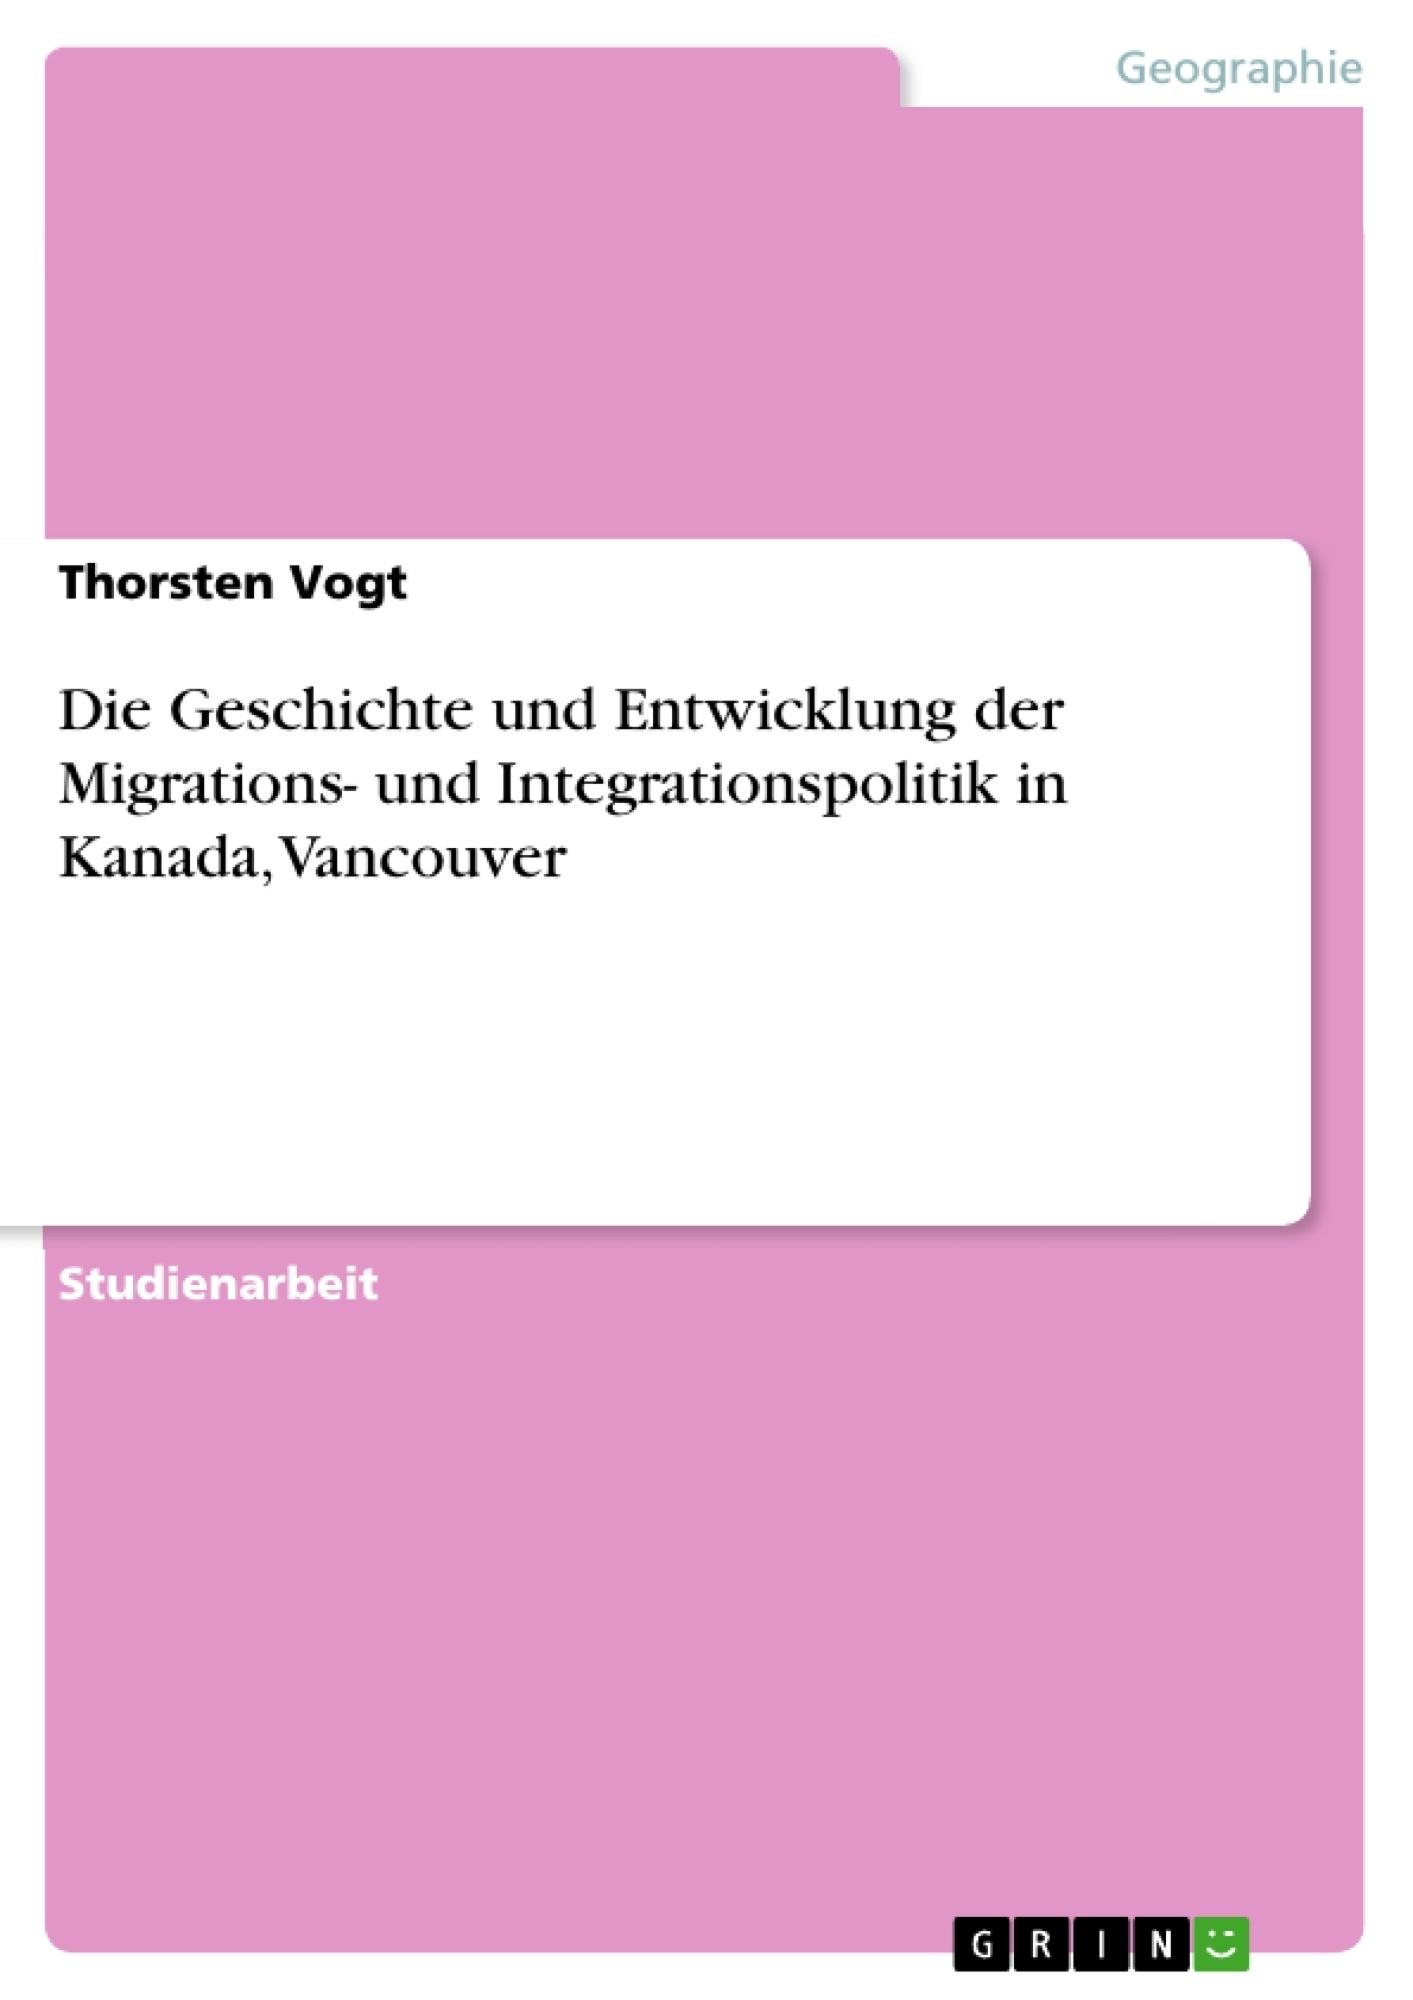 Titel: Die Geschichte und Entwicklung der Migrations- und Integrationspolitik in Kanada, Vancouver